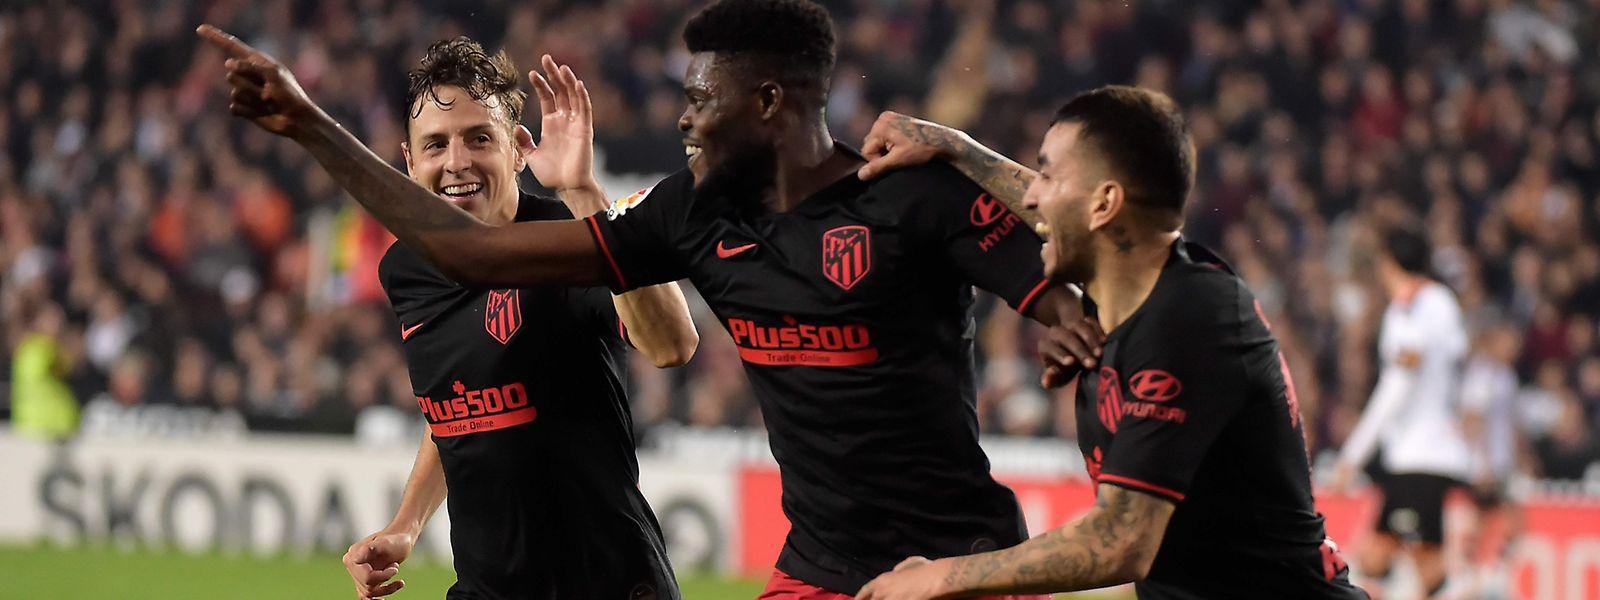 L'Atletico Madrid sera-t-il à la fête face au tenant du titre, Liverpool?